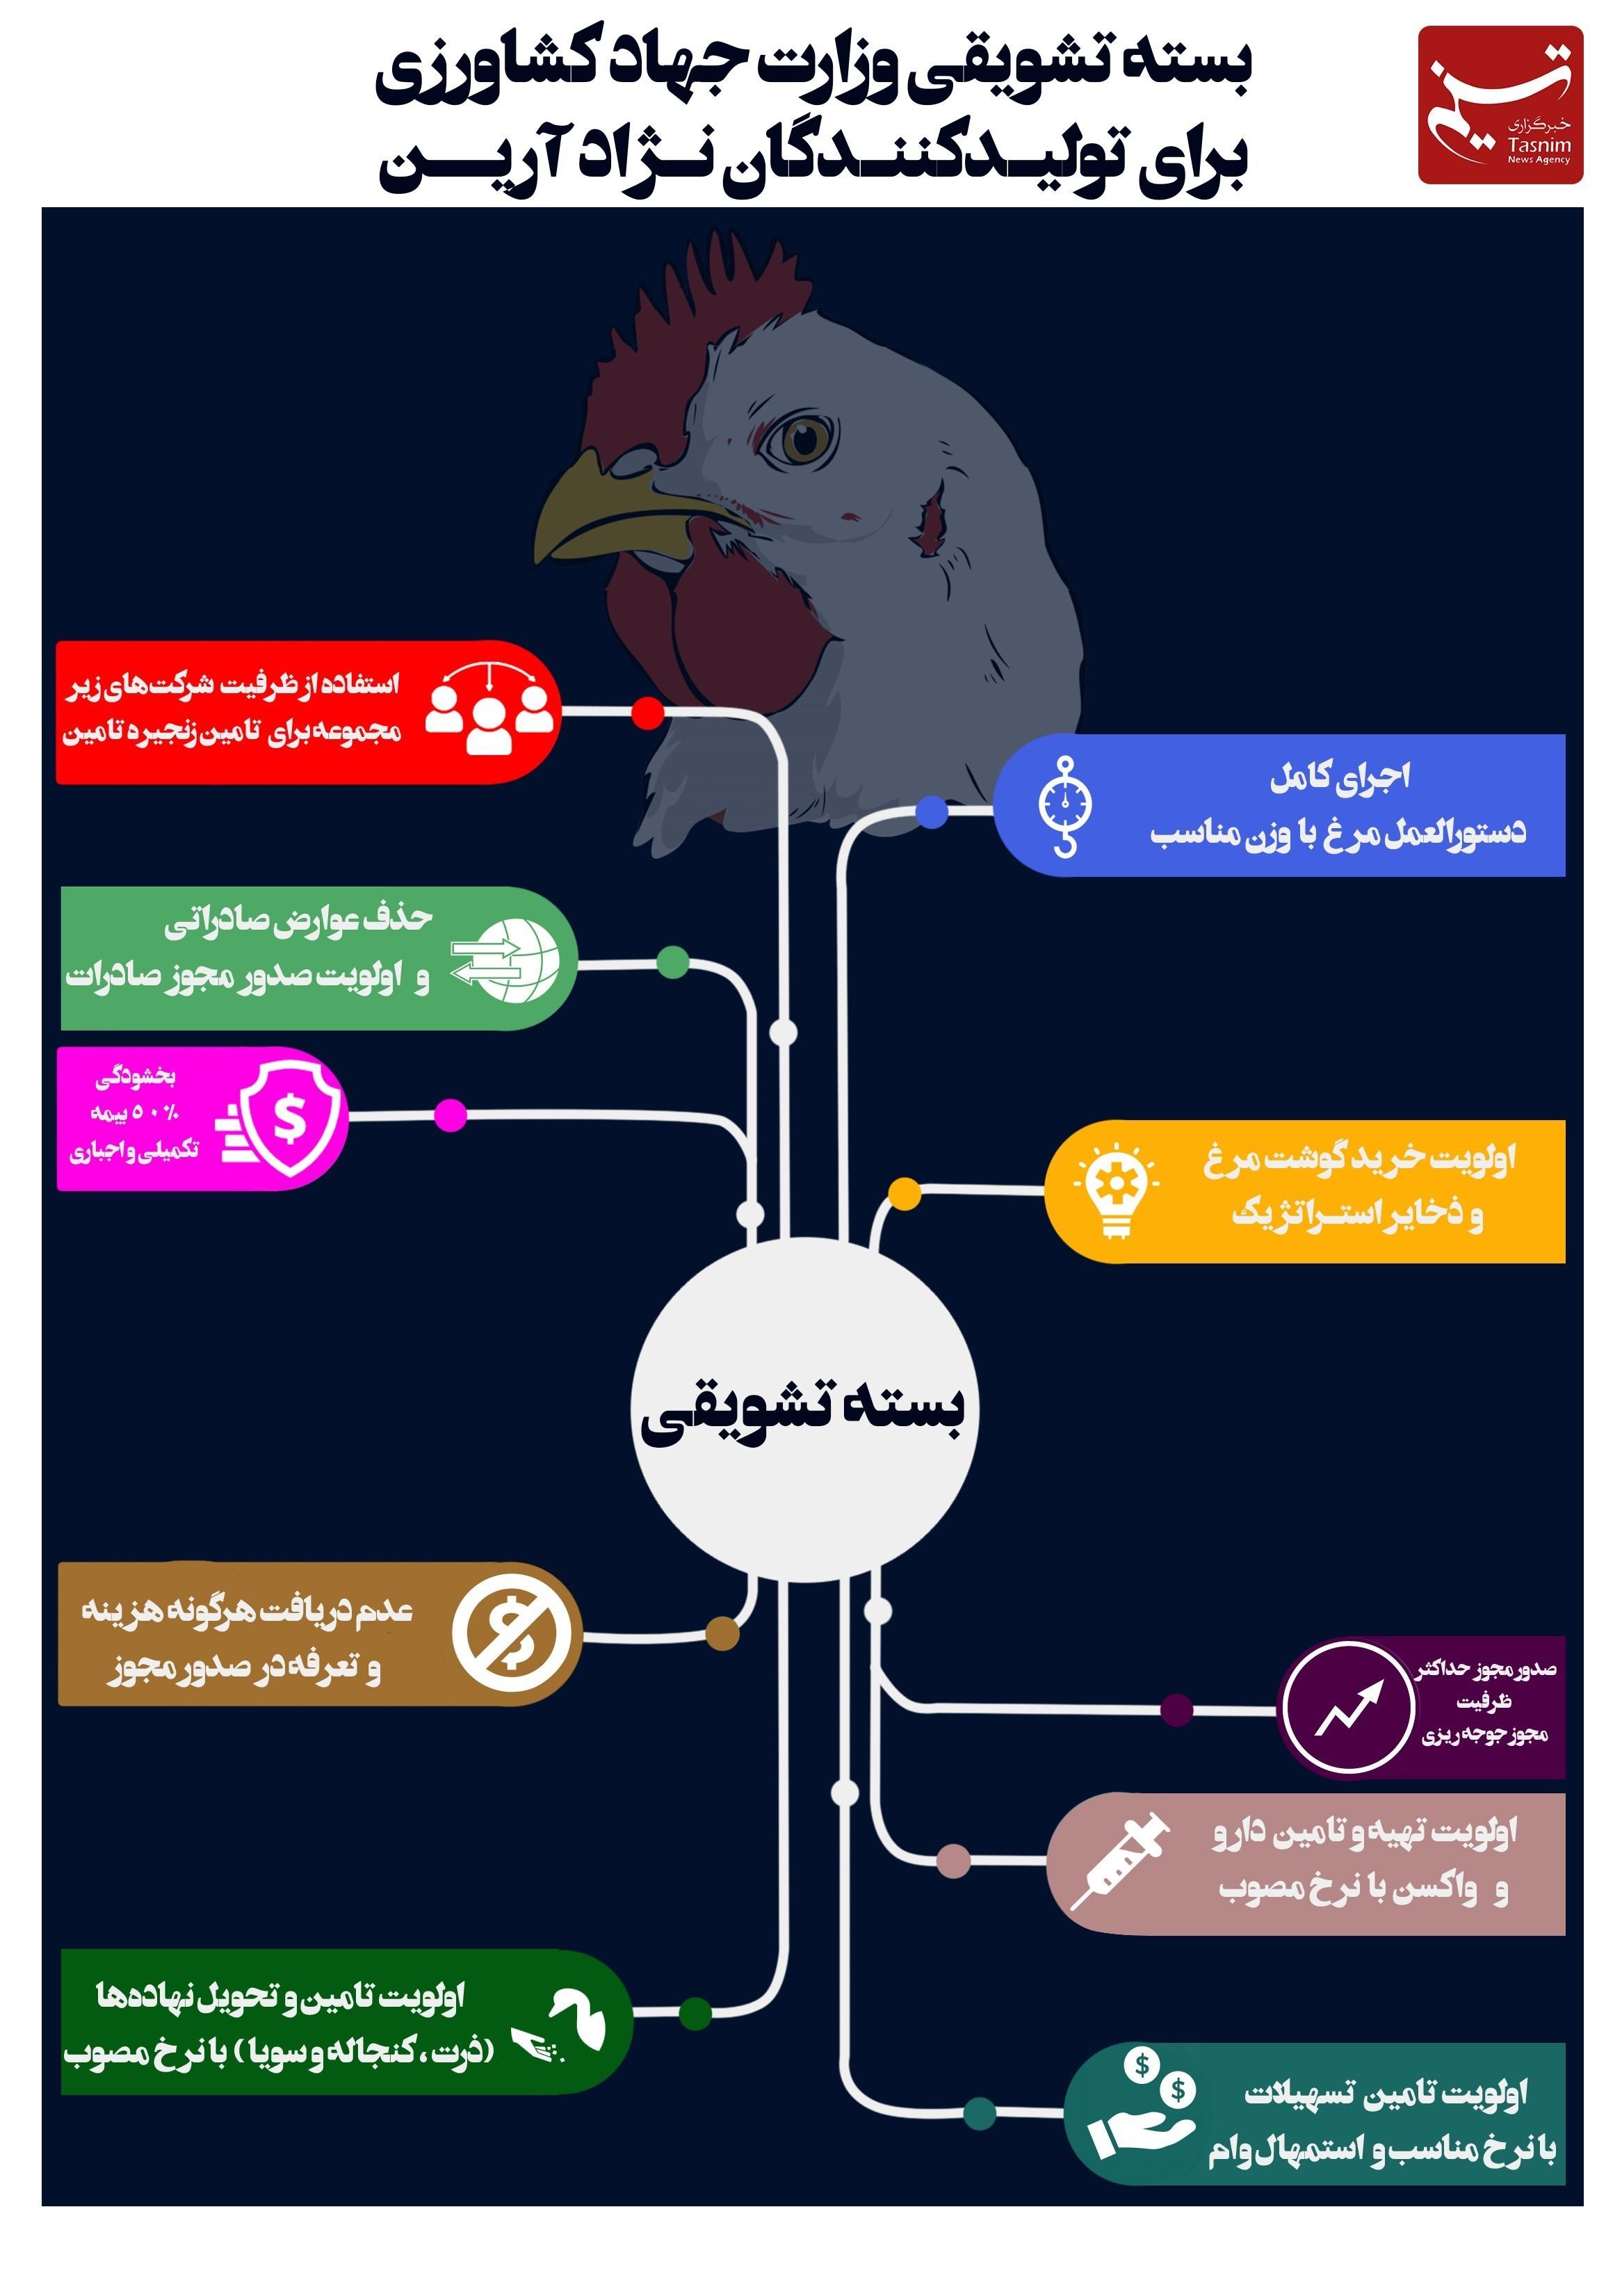 پایگاه خبری آرمان اقتصادی 13990901151325913216492310 «مرغ ایرانی» بستۀ تشویقی وزارت جهادکشاورزی برای تولیدکنندگان مرغ آرین + تصویر